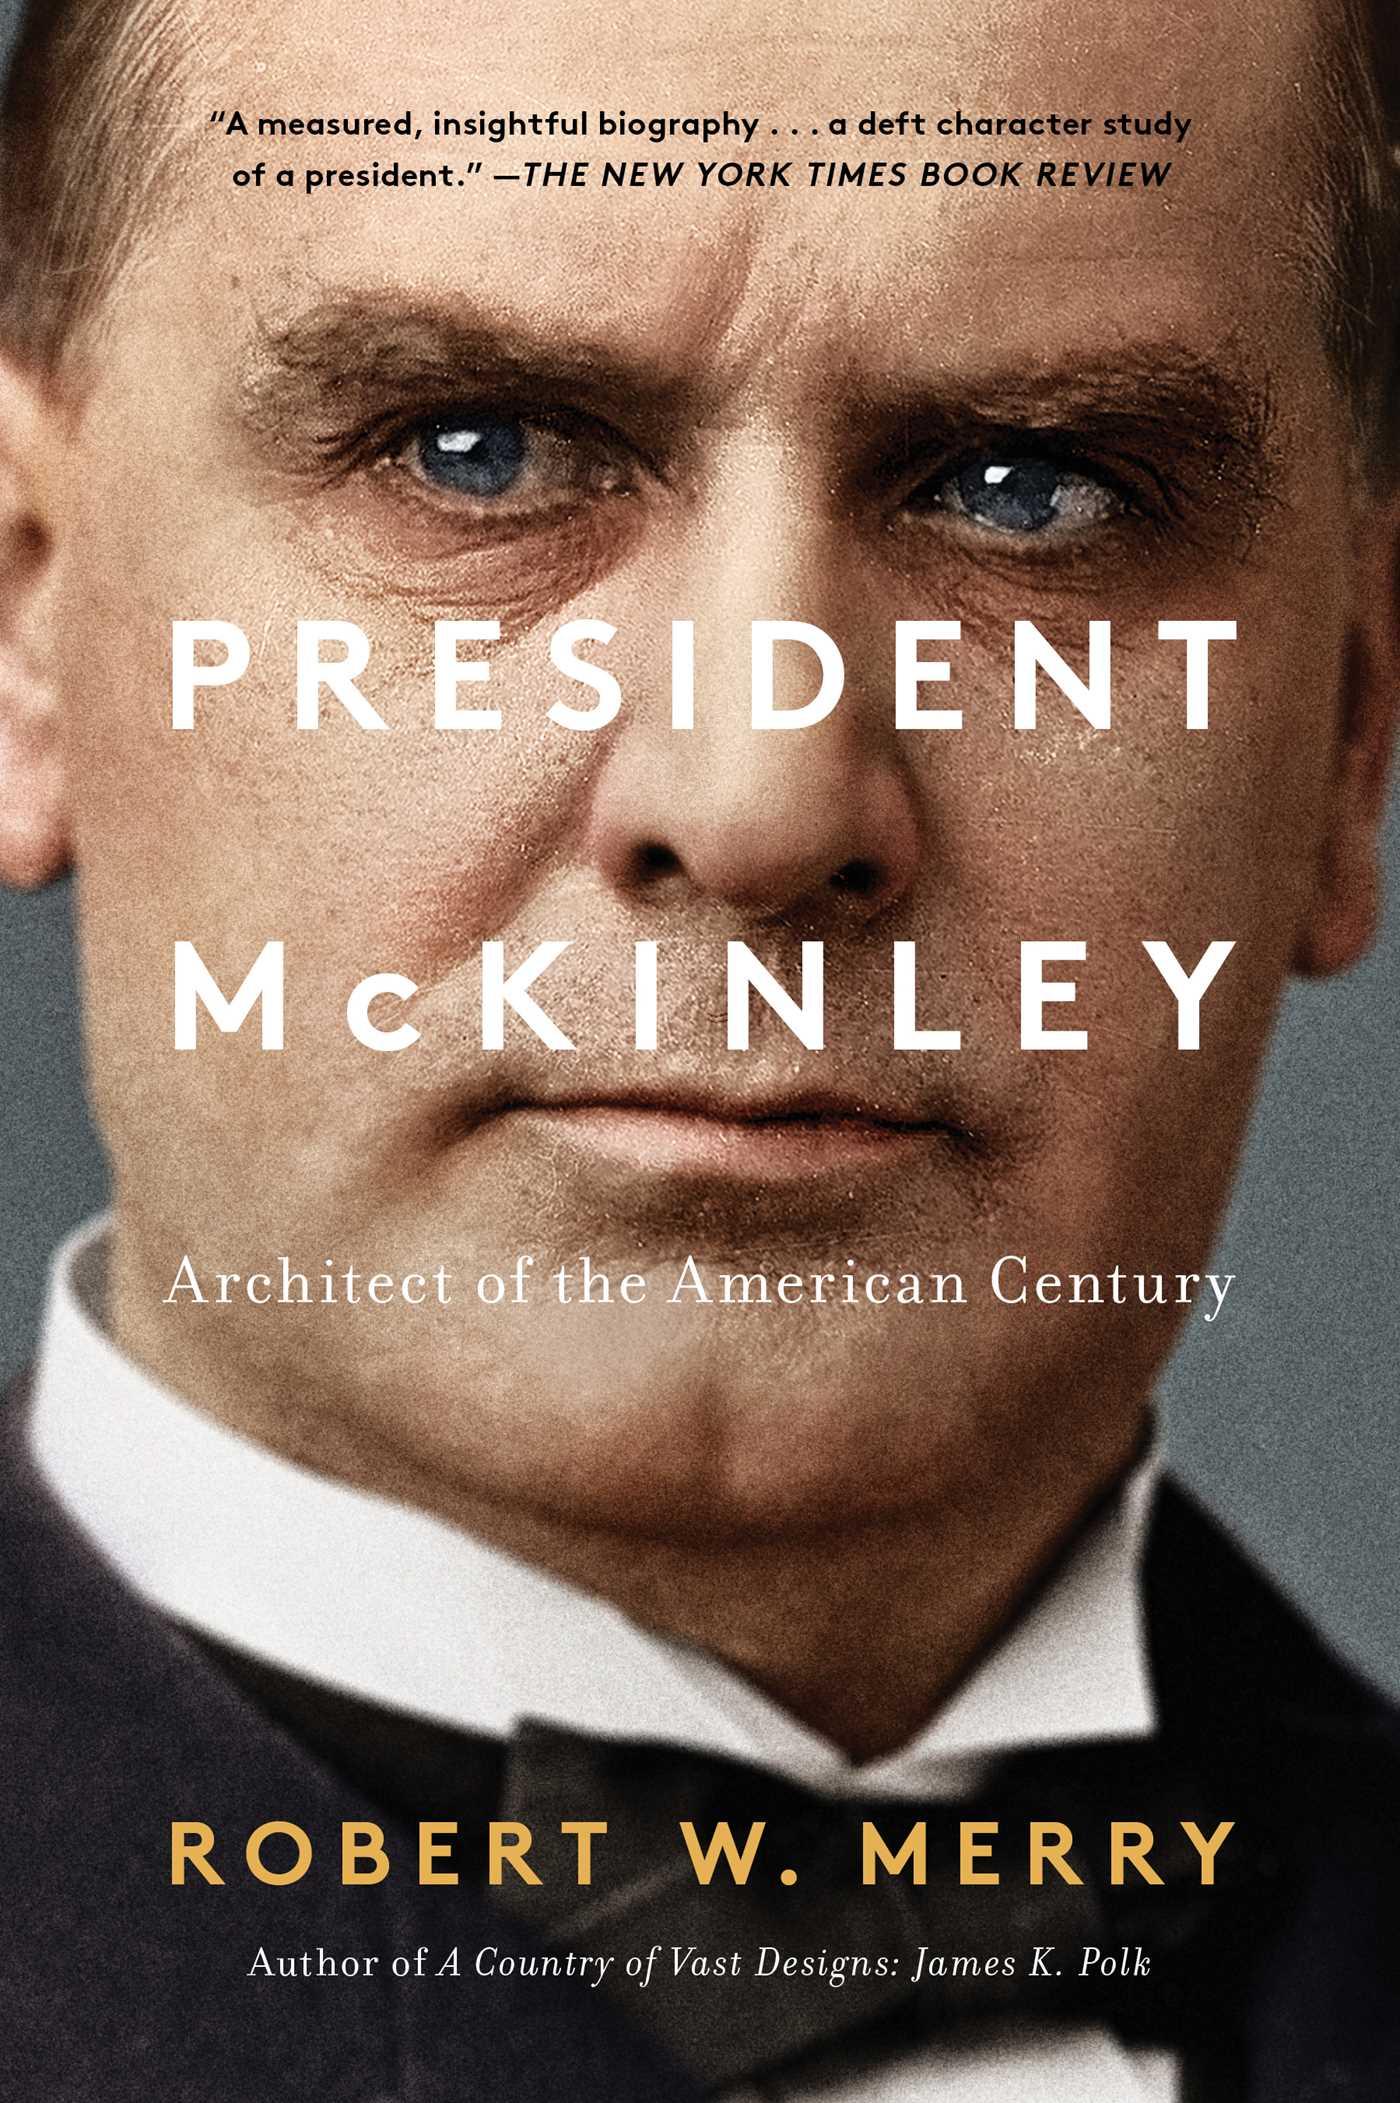 President mckinley 9781451625455 hr